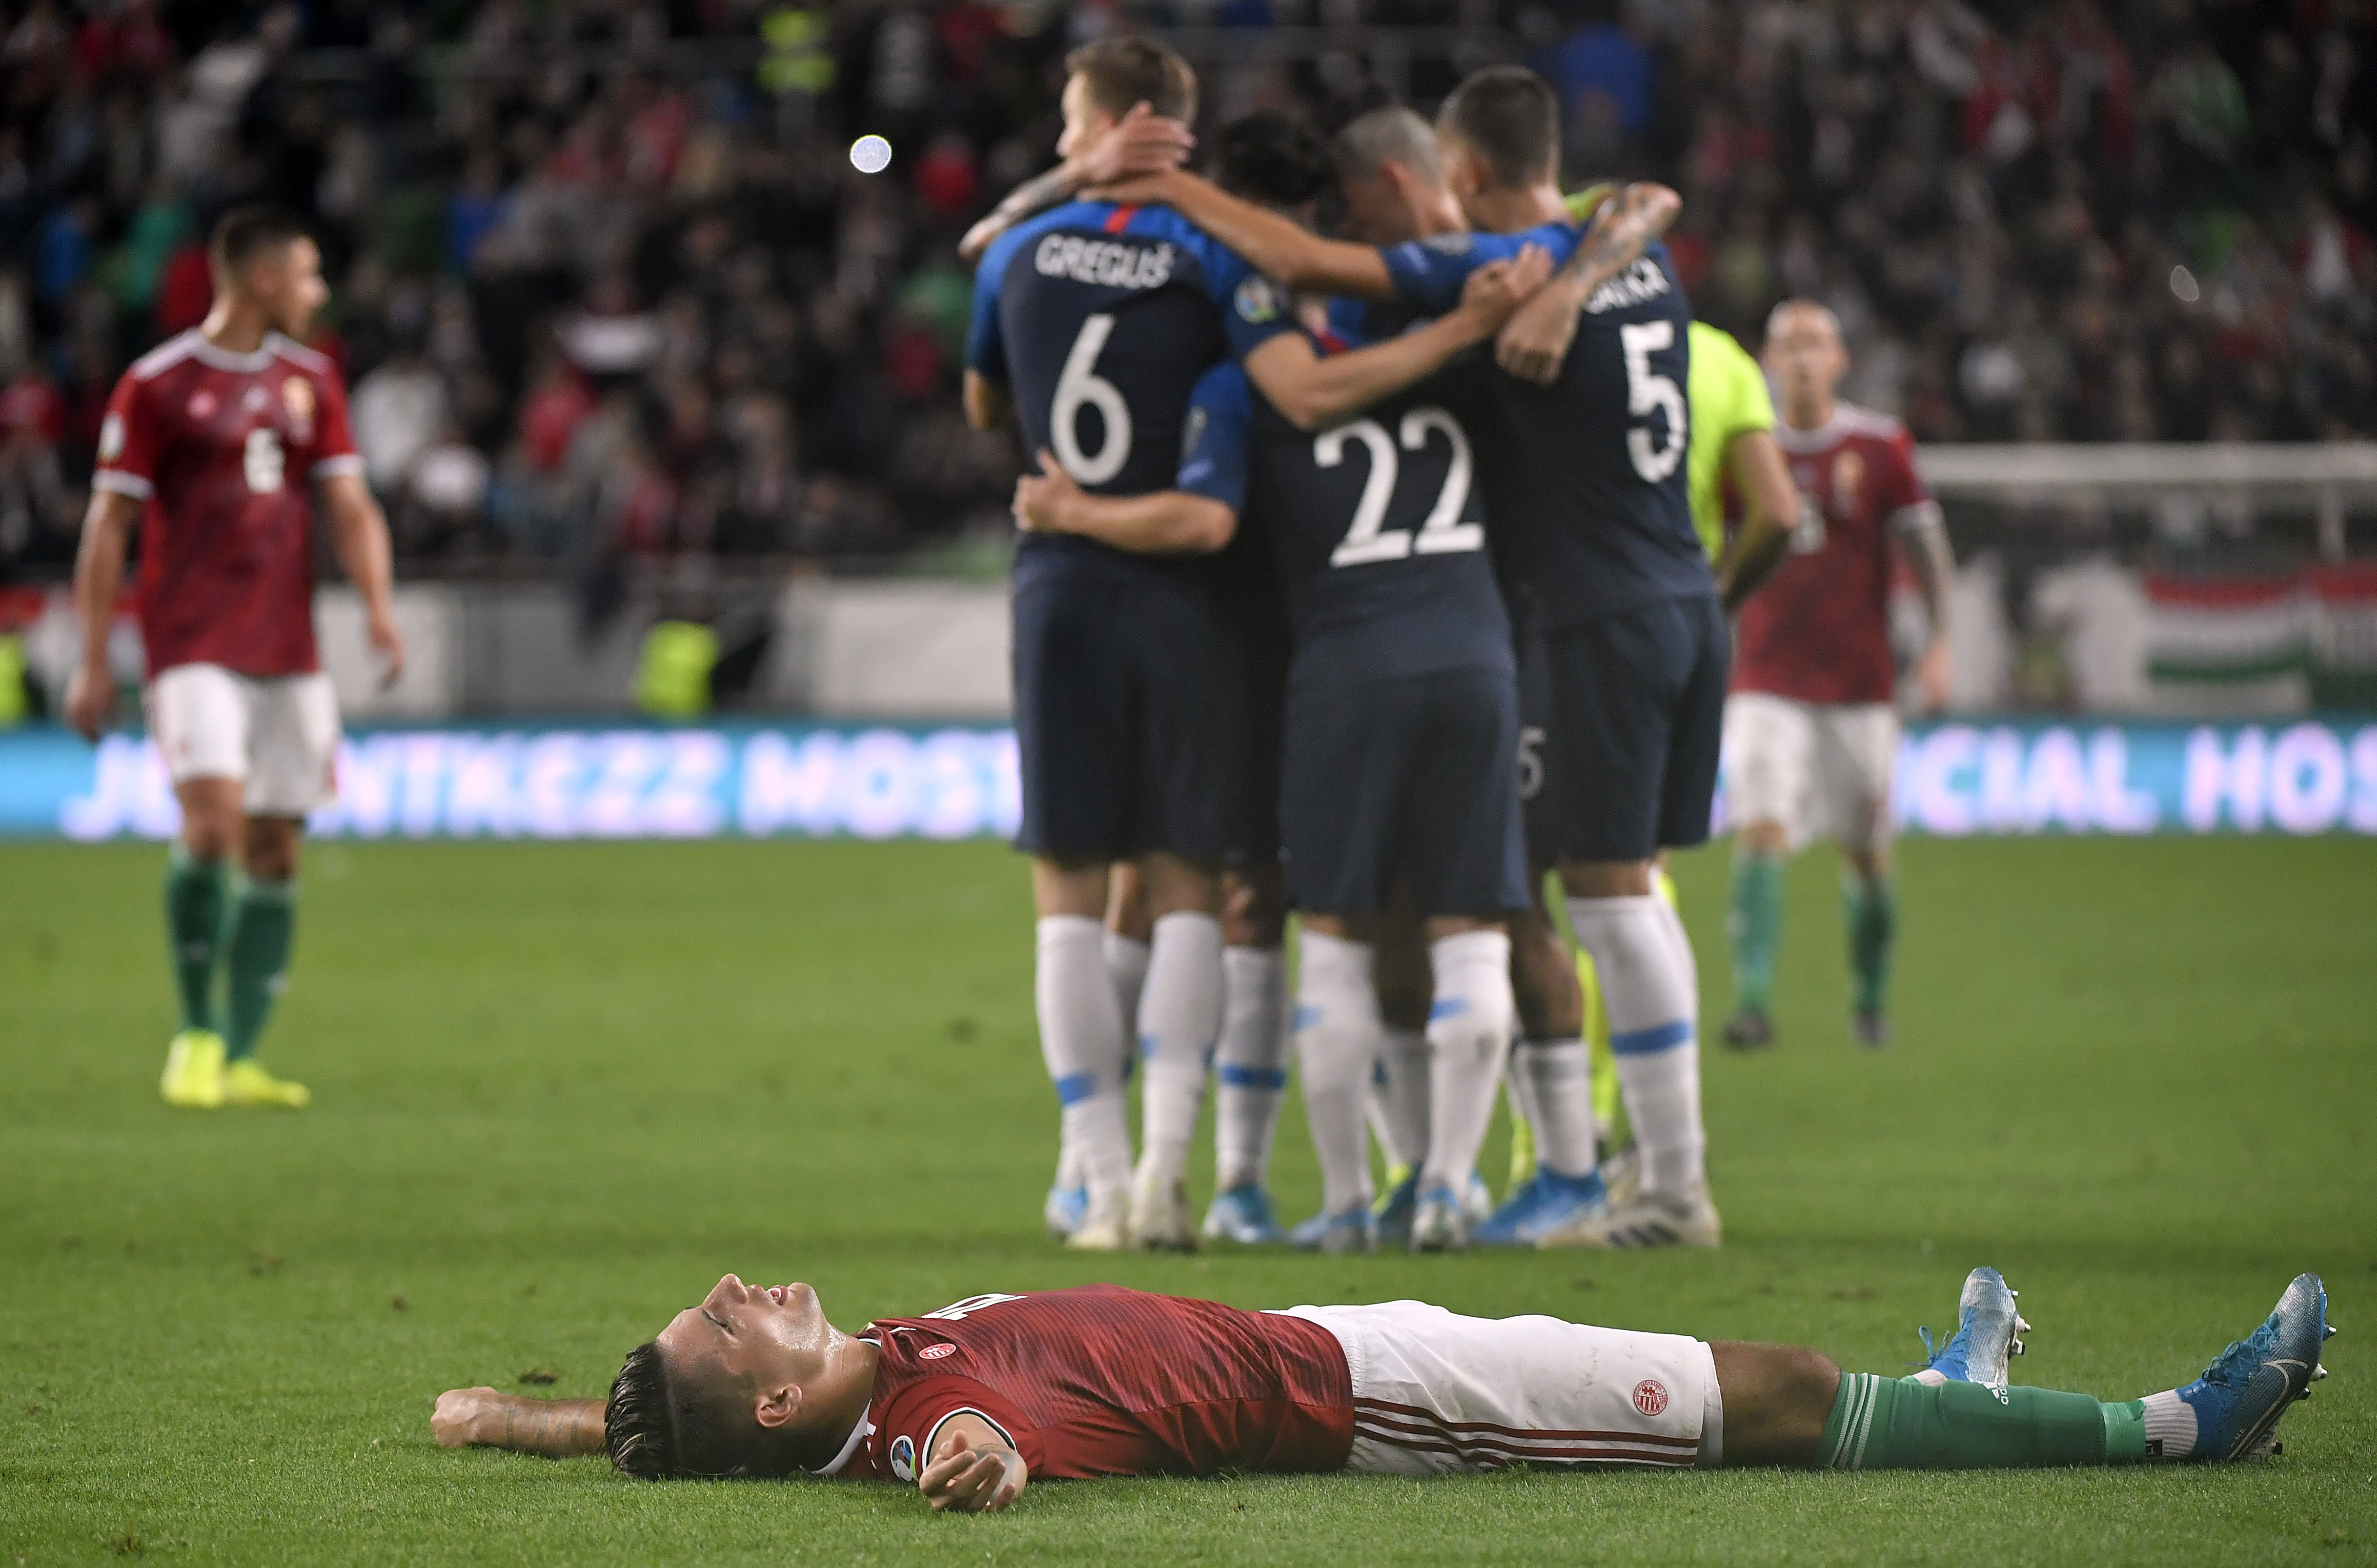 A kormány megengedte a kluboknak, hogy egyoldalúan csökkentsék a focisták fizetését